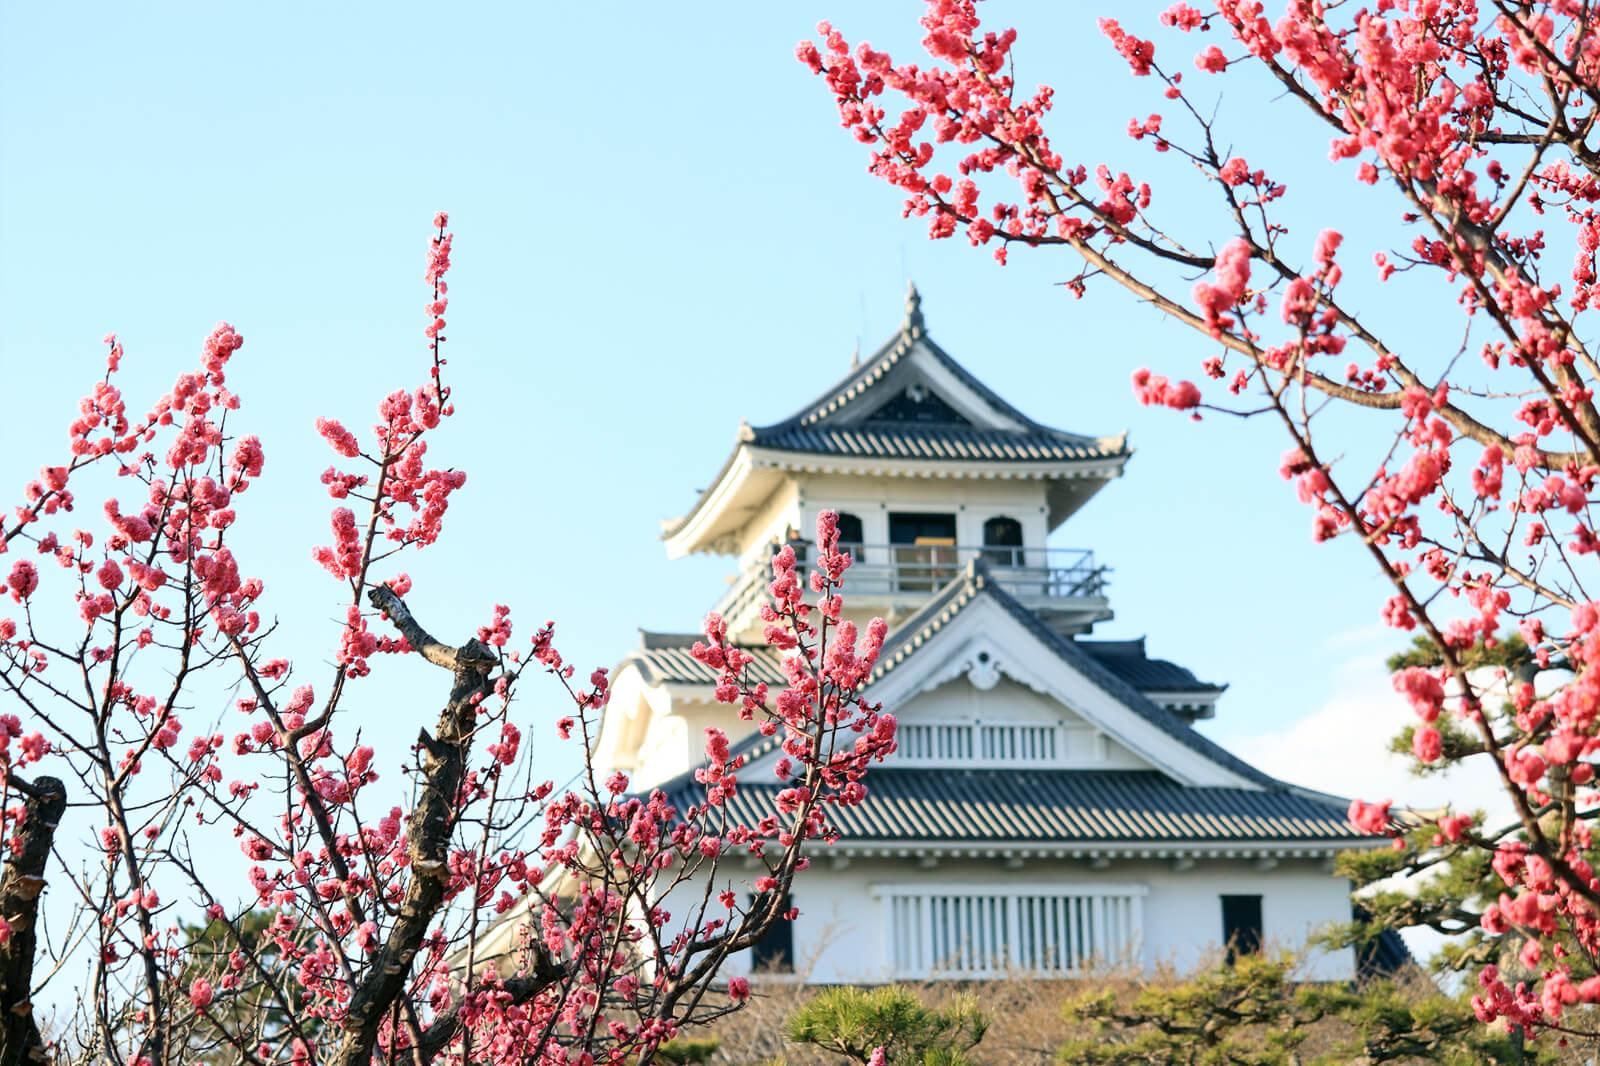 長浜城に咲く梅の花